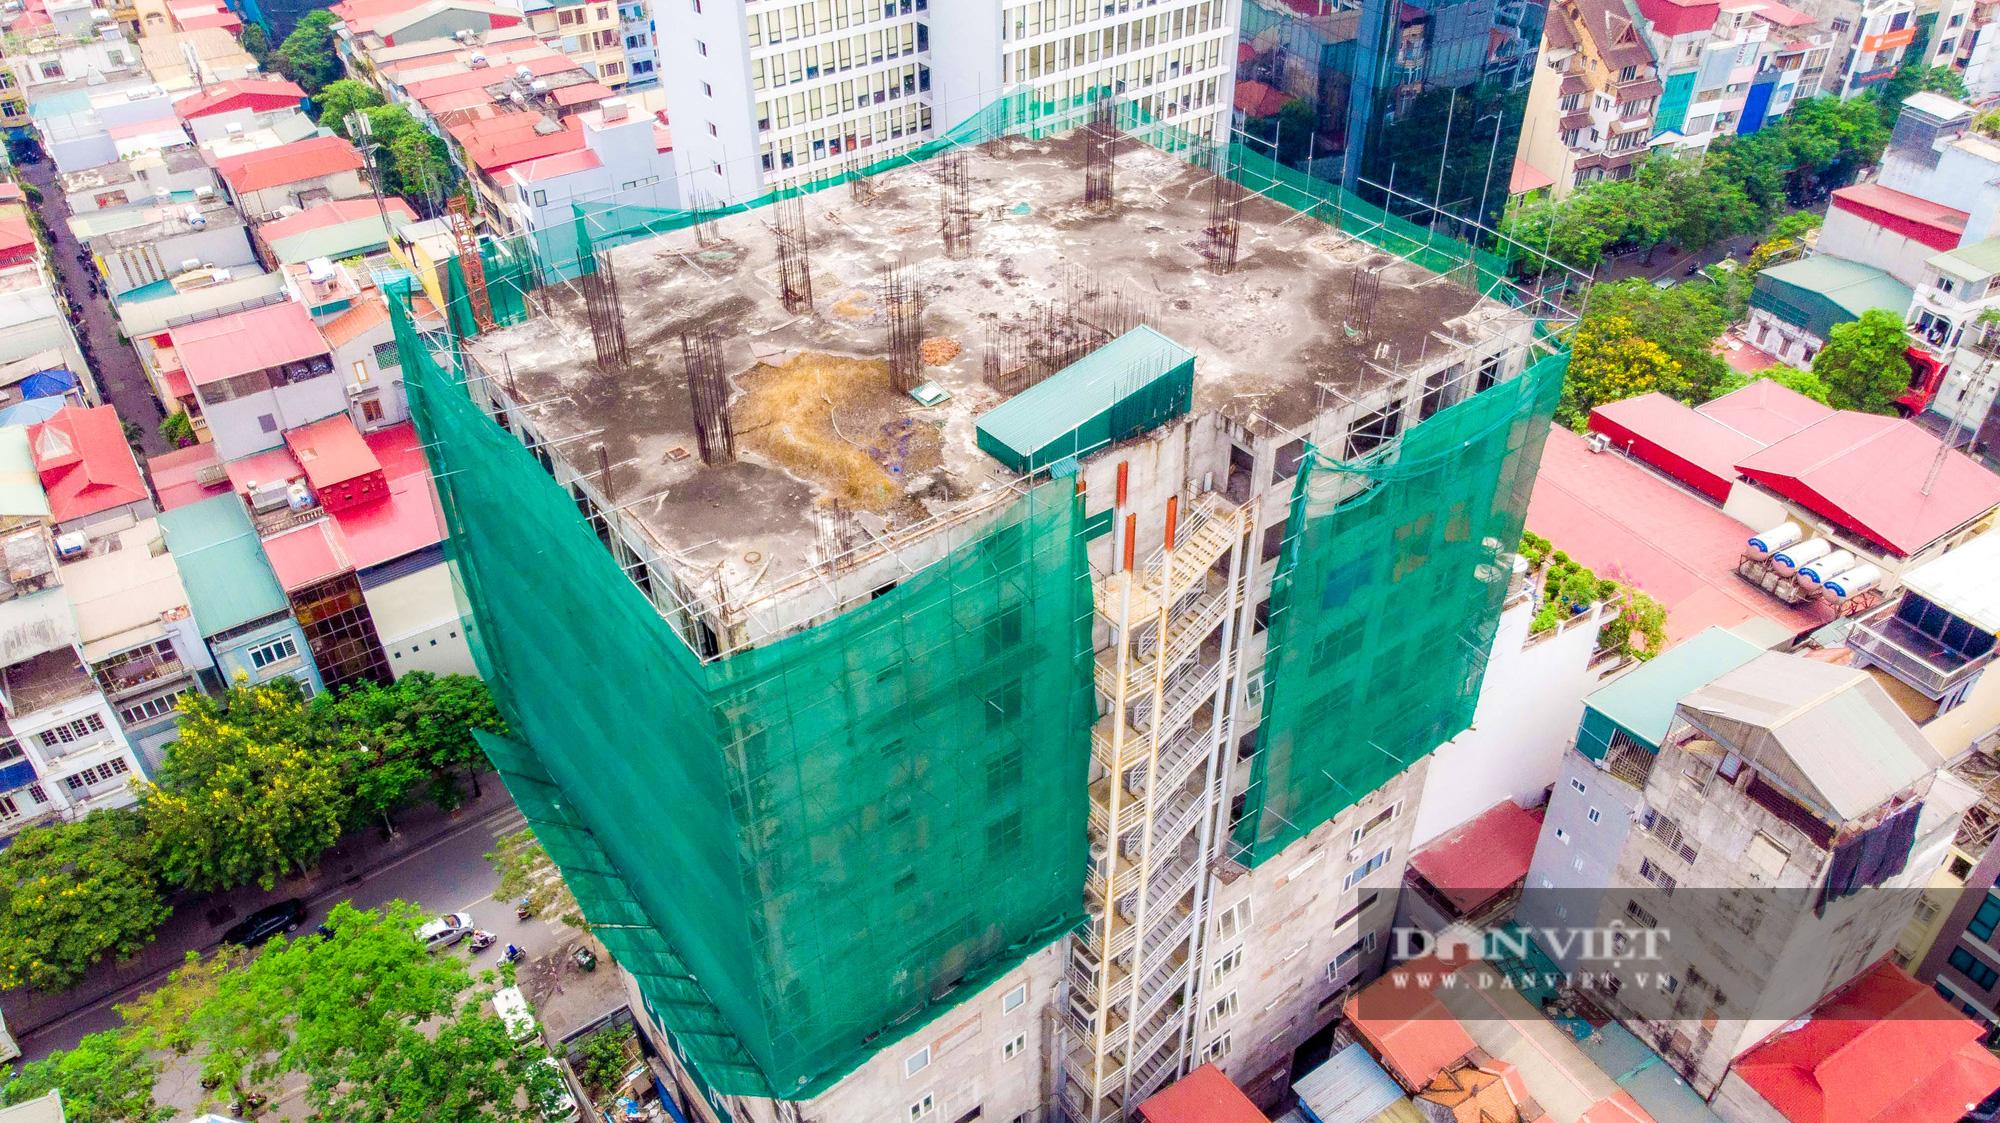 """Toàn cảnh dự án cao ốc 131 Thái Hà bị """"lãng quên"""" hơn 1 thập kỷ - Ảnh 2."""